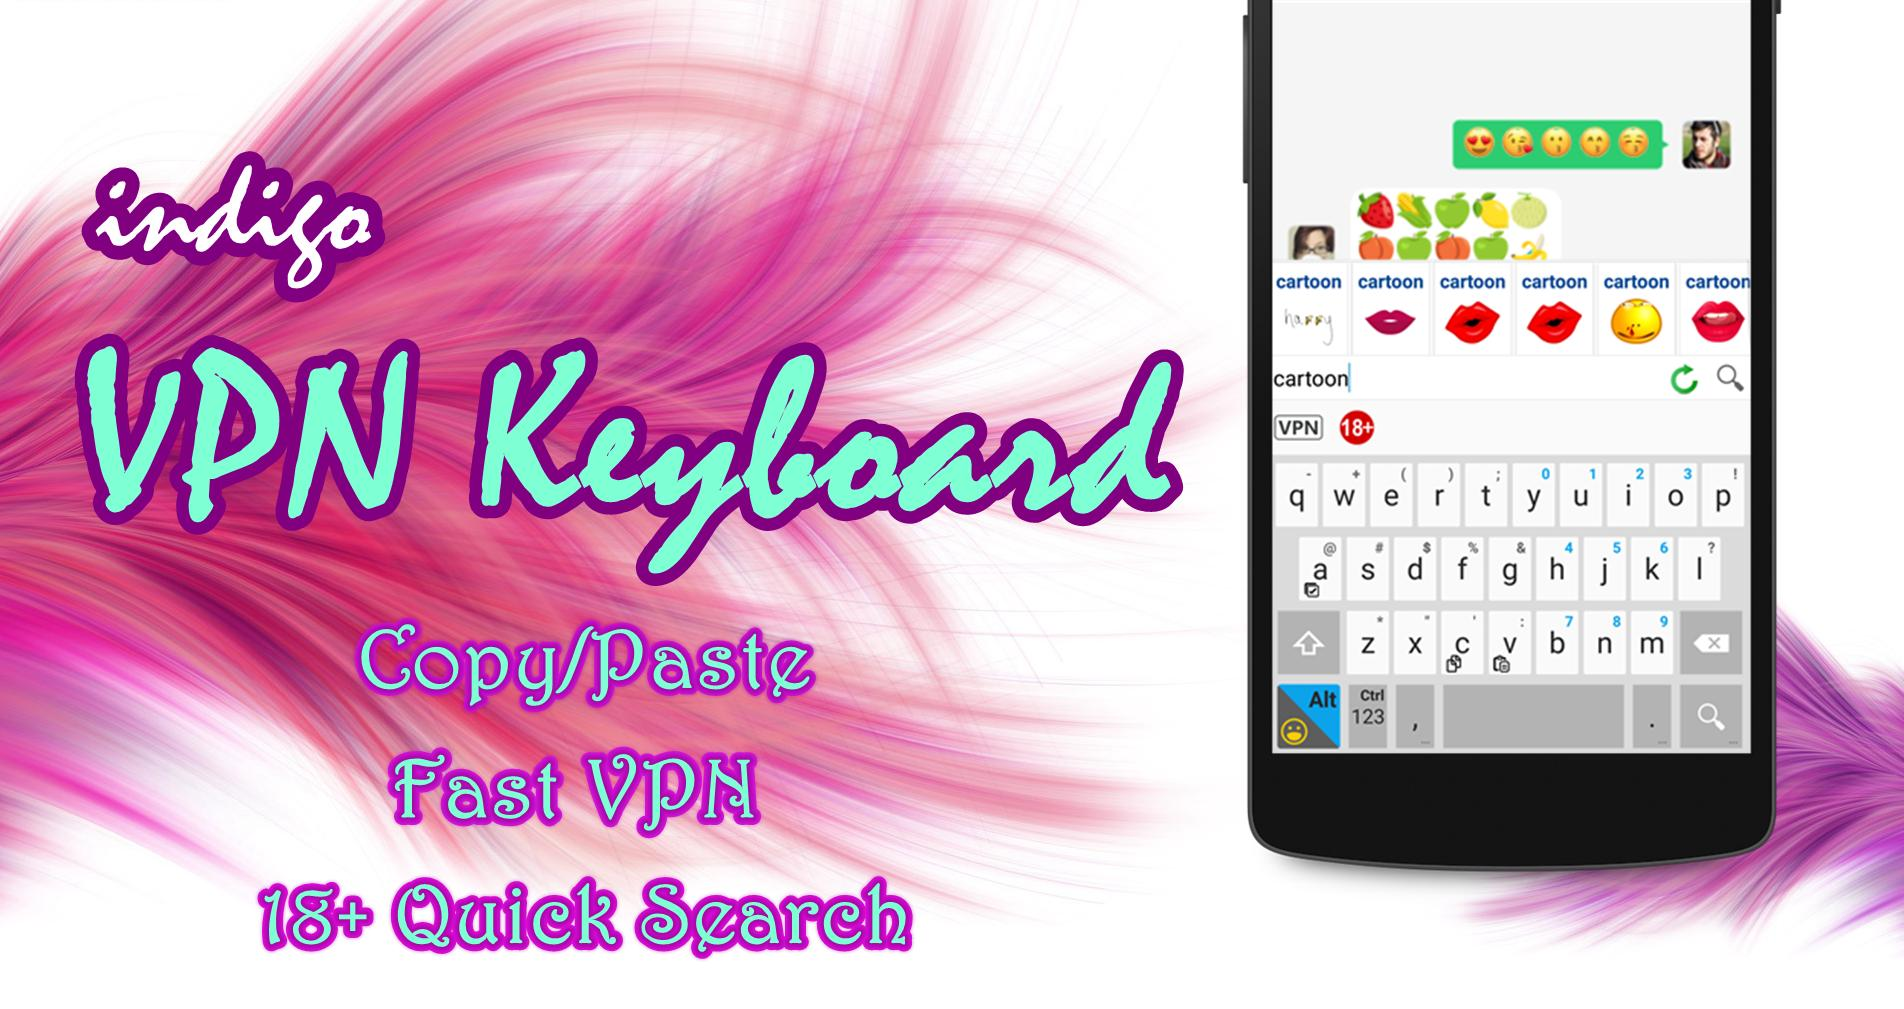 indigo VPN Keyboard - emoji, copy/paste & VPN Exp for